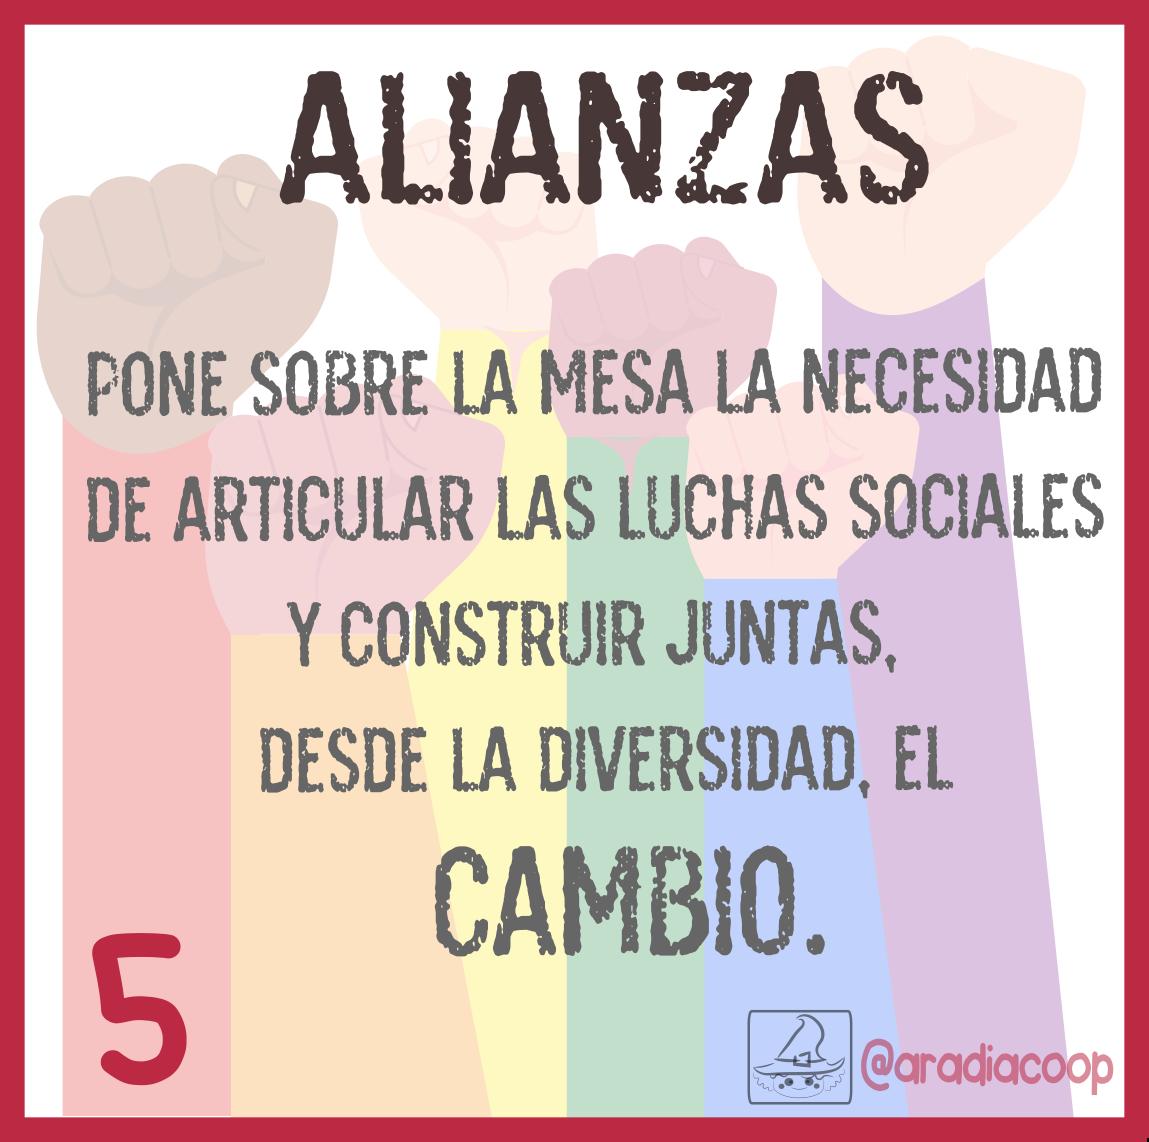 5. Alianzas